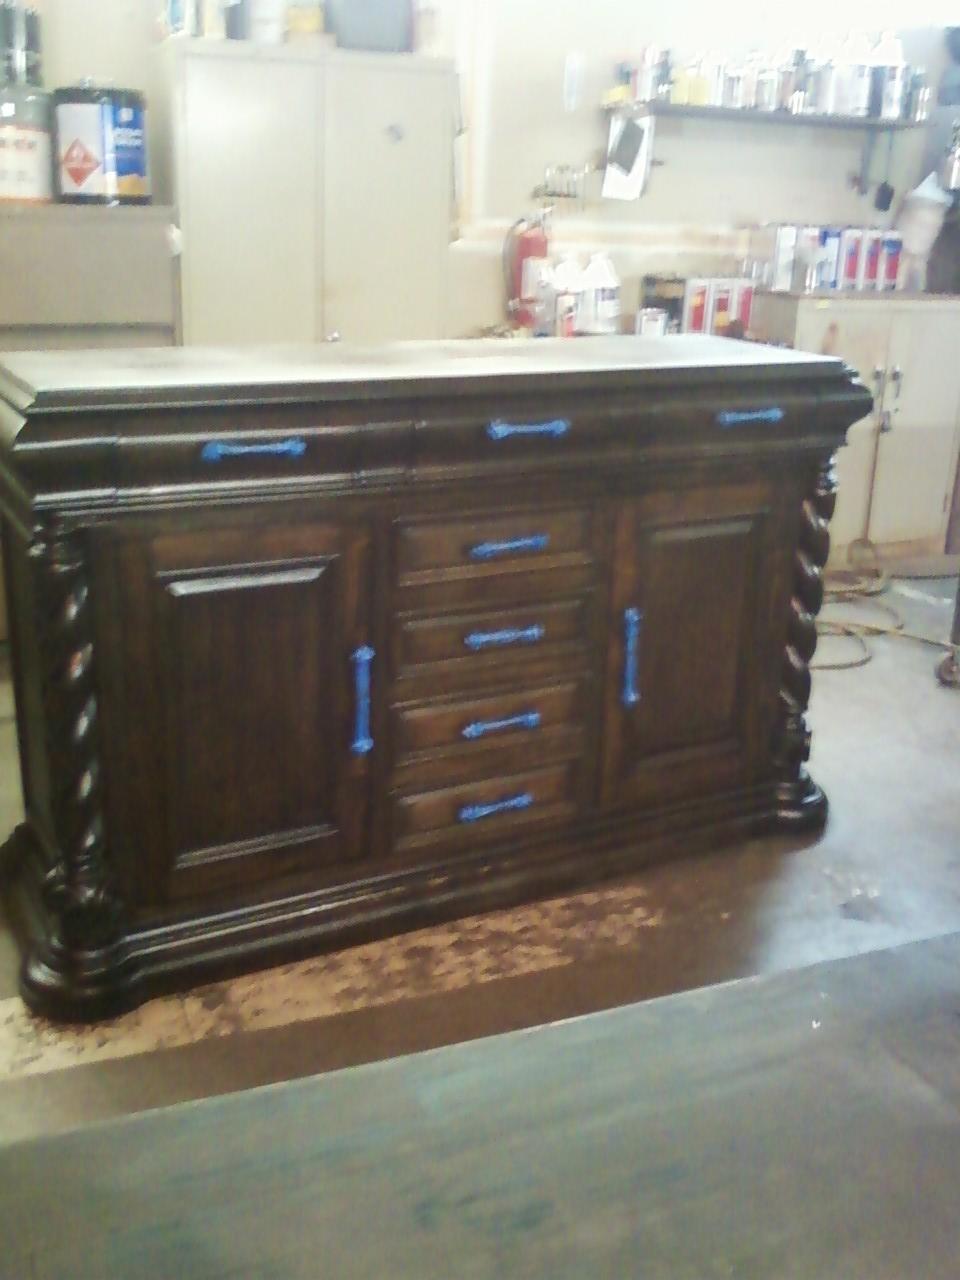 Cabinet after restoration